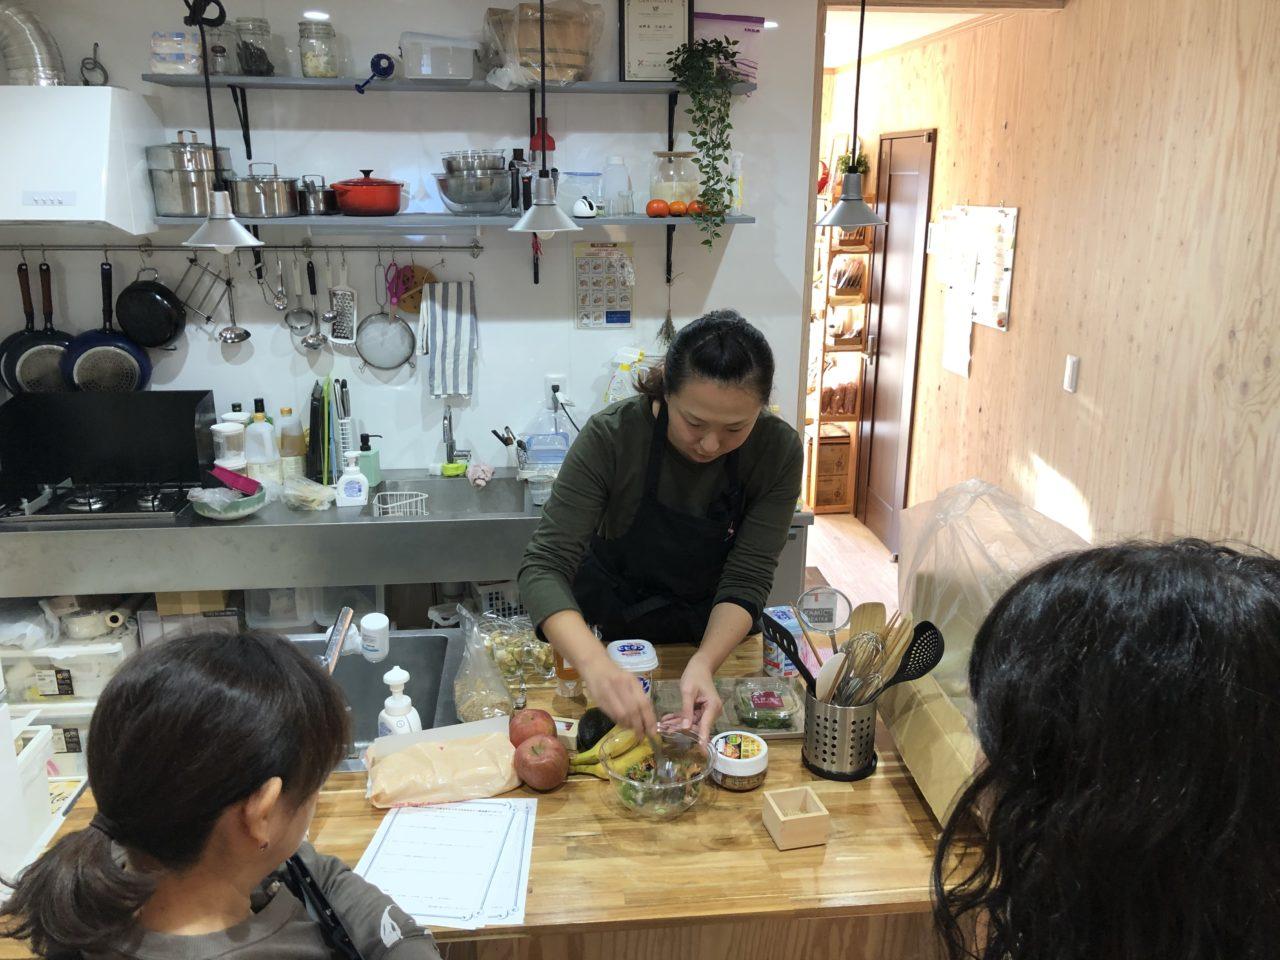 つくばのパーソナルトレーニング×料理教室のお店/マンマビレッジの腸活セミナー,腸活レシピの試食